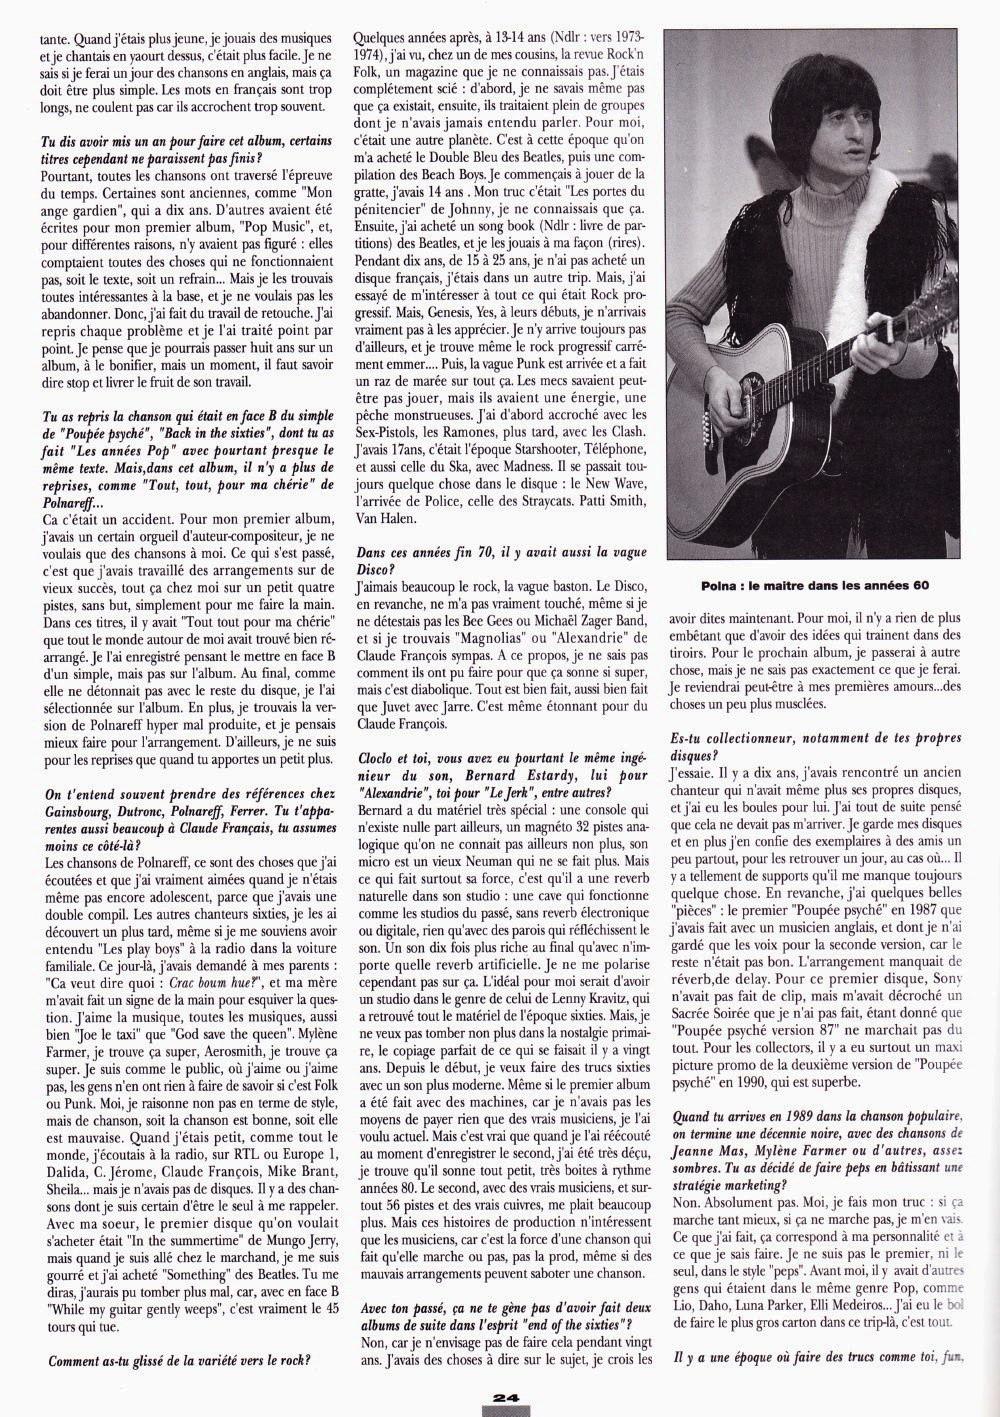 """THIERRY HAZARD (G.P.S., """"Le jerk"""") : interview 1993 dans """"Platine"""" (par Christophe Daniel & Jean-Pierre Pasqualini) 16011111425620773813888360"""